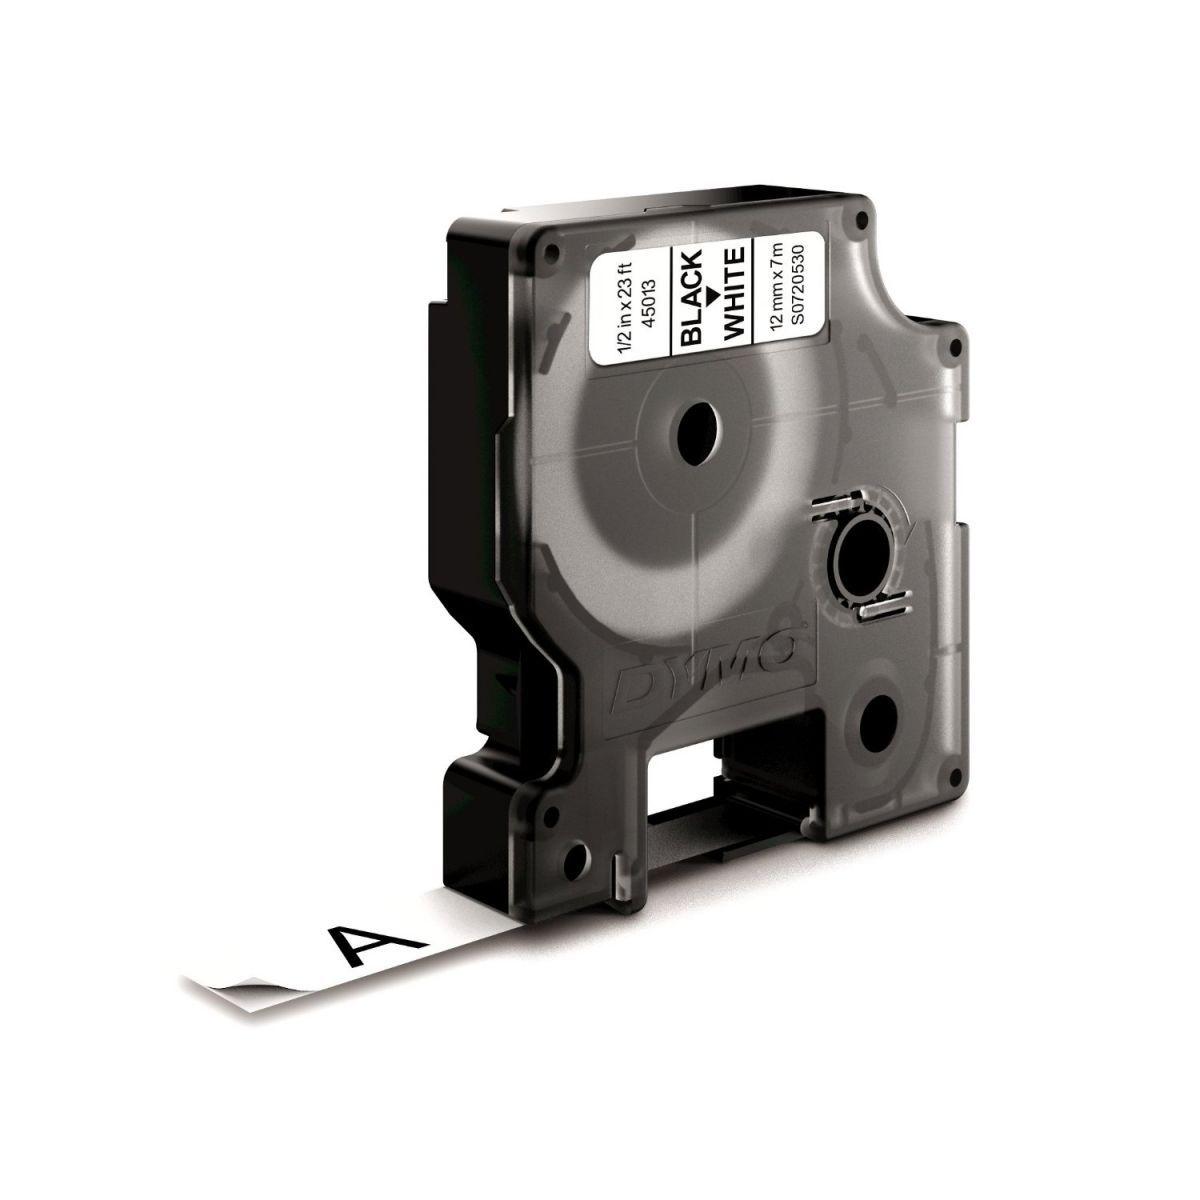 Rotulador Eletrônico Lm210d Etiquetador Dymo 2 Fitas